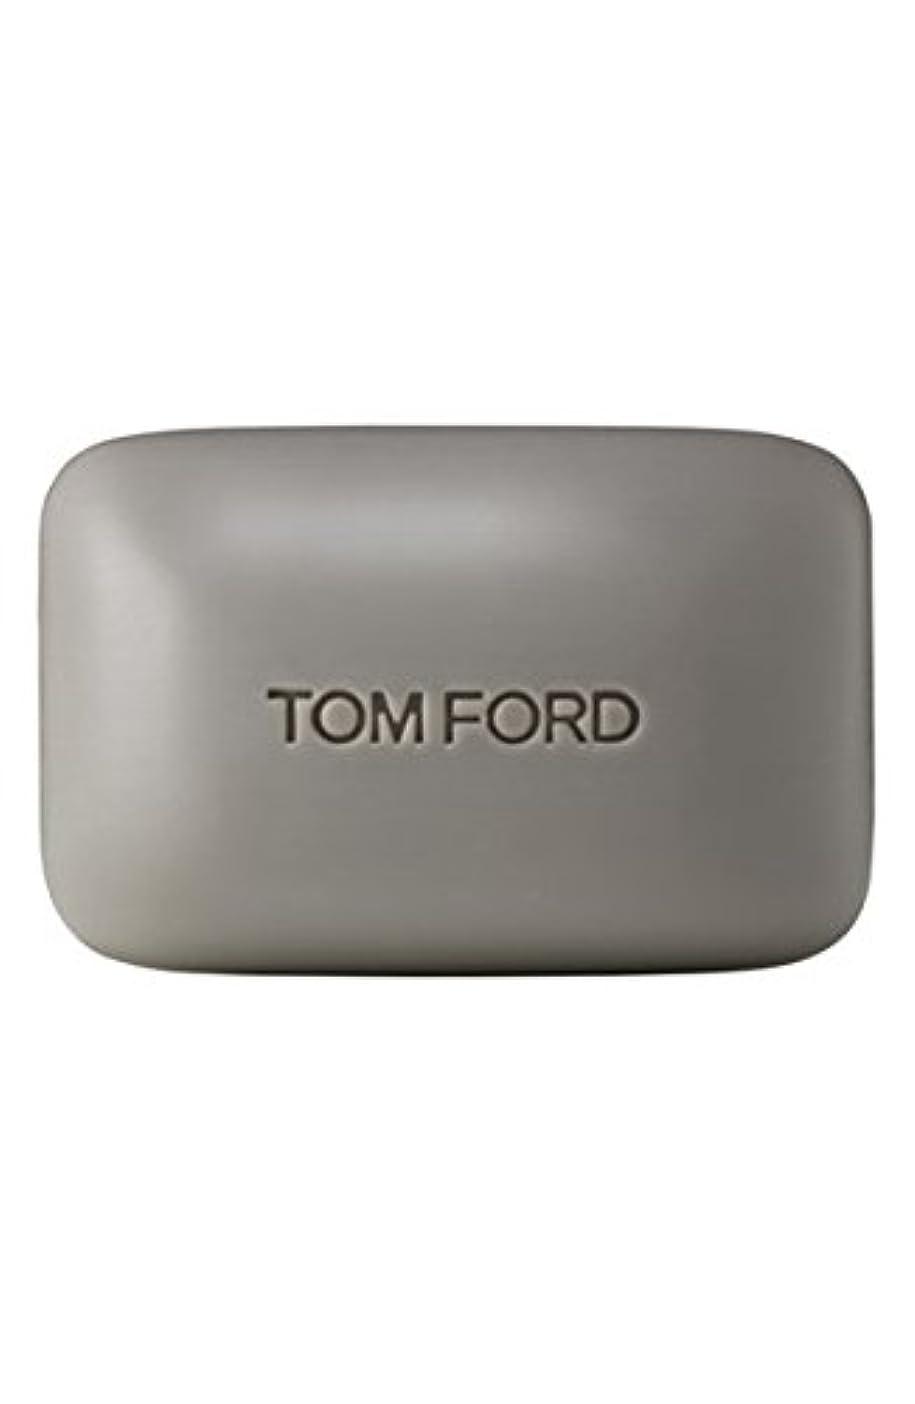 減少将来の自発的Tom Ford Private Blend 'Oud Wood' (トムフォード プライベートブレンド オードウッド) 5.5 oz (165ml) Bar Soap (固形石鹸)